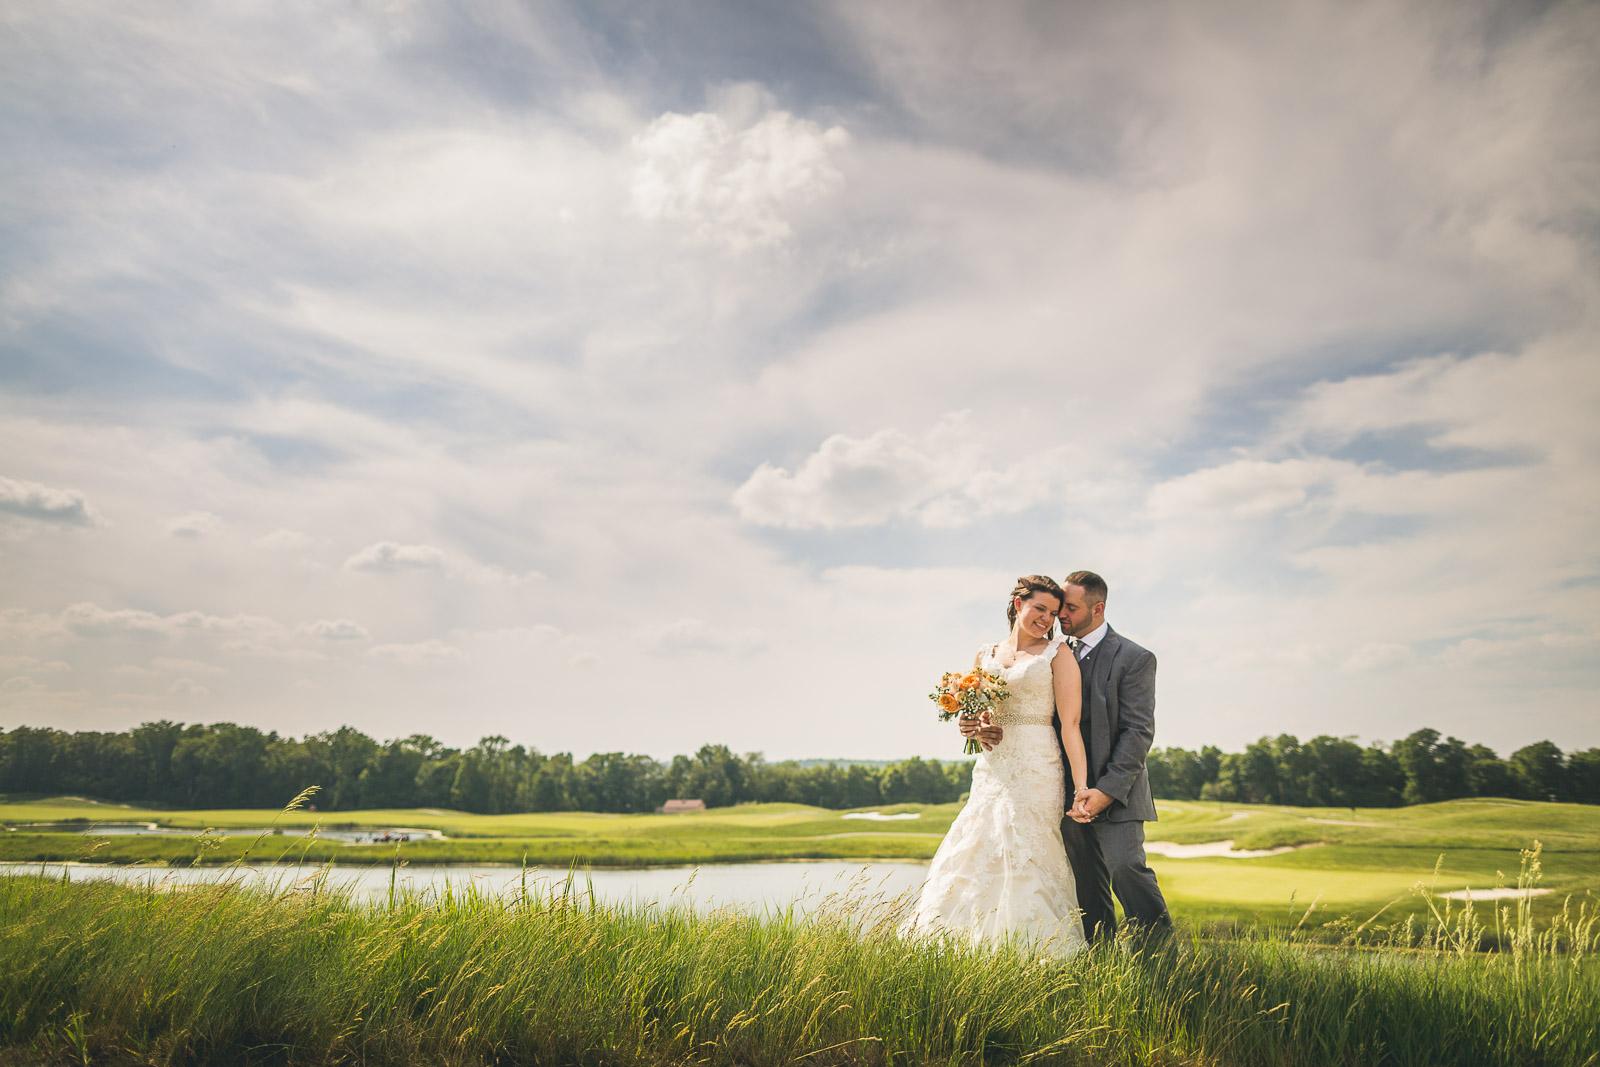 Keep Wedding Photos Safe